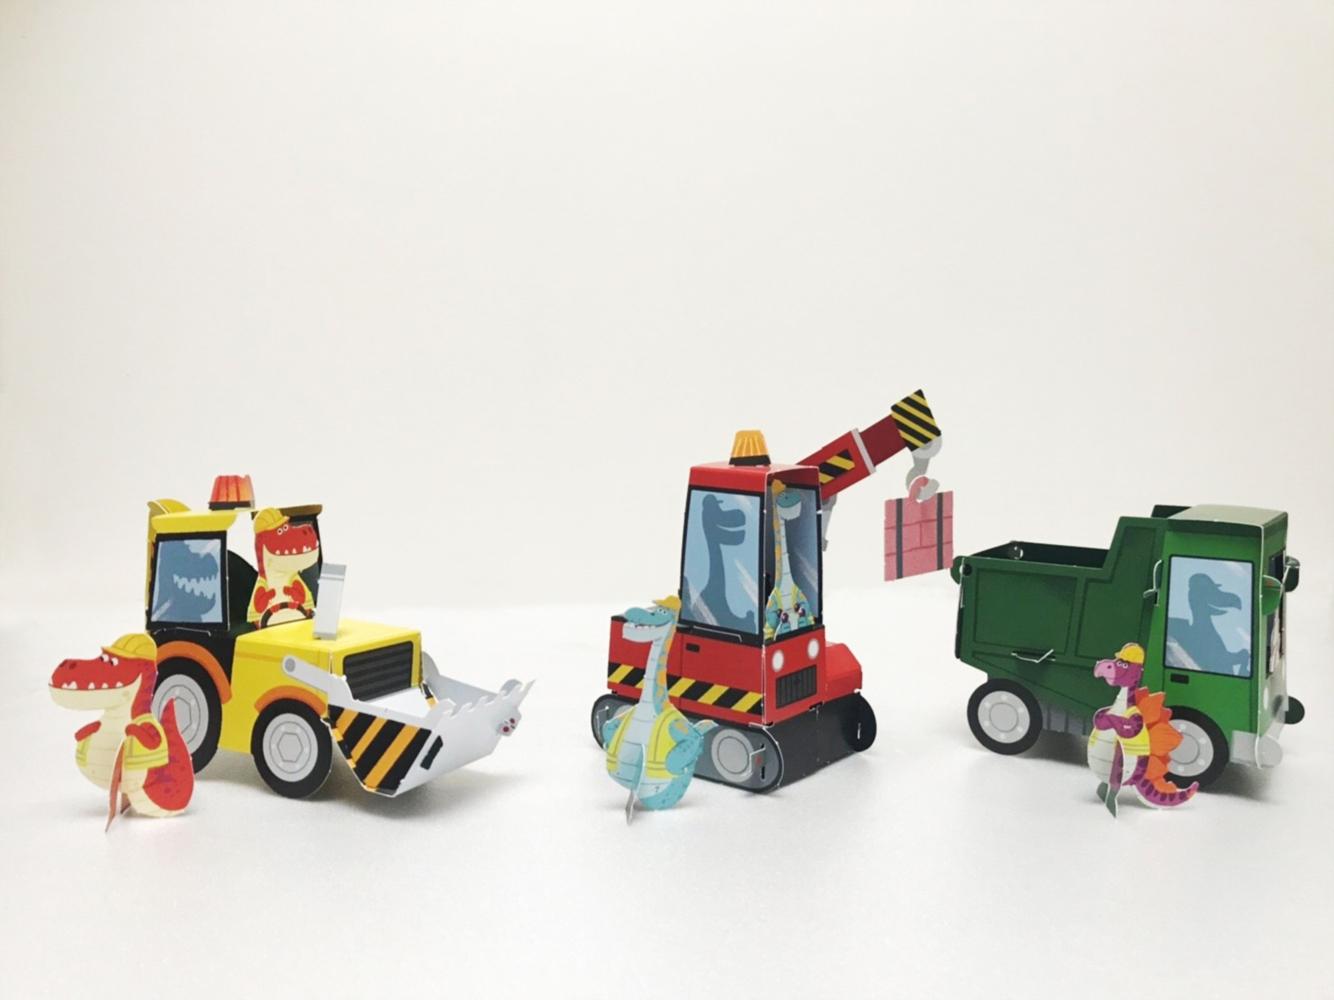 恐龍工程隊3D紙模型繪本套組(3本一套)